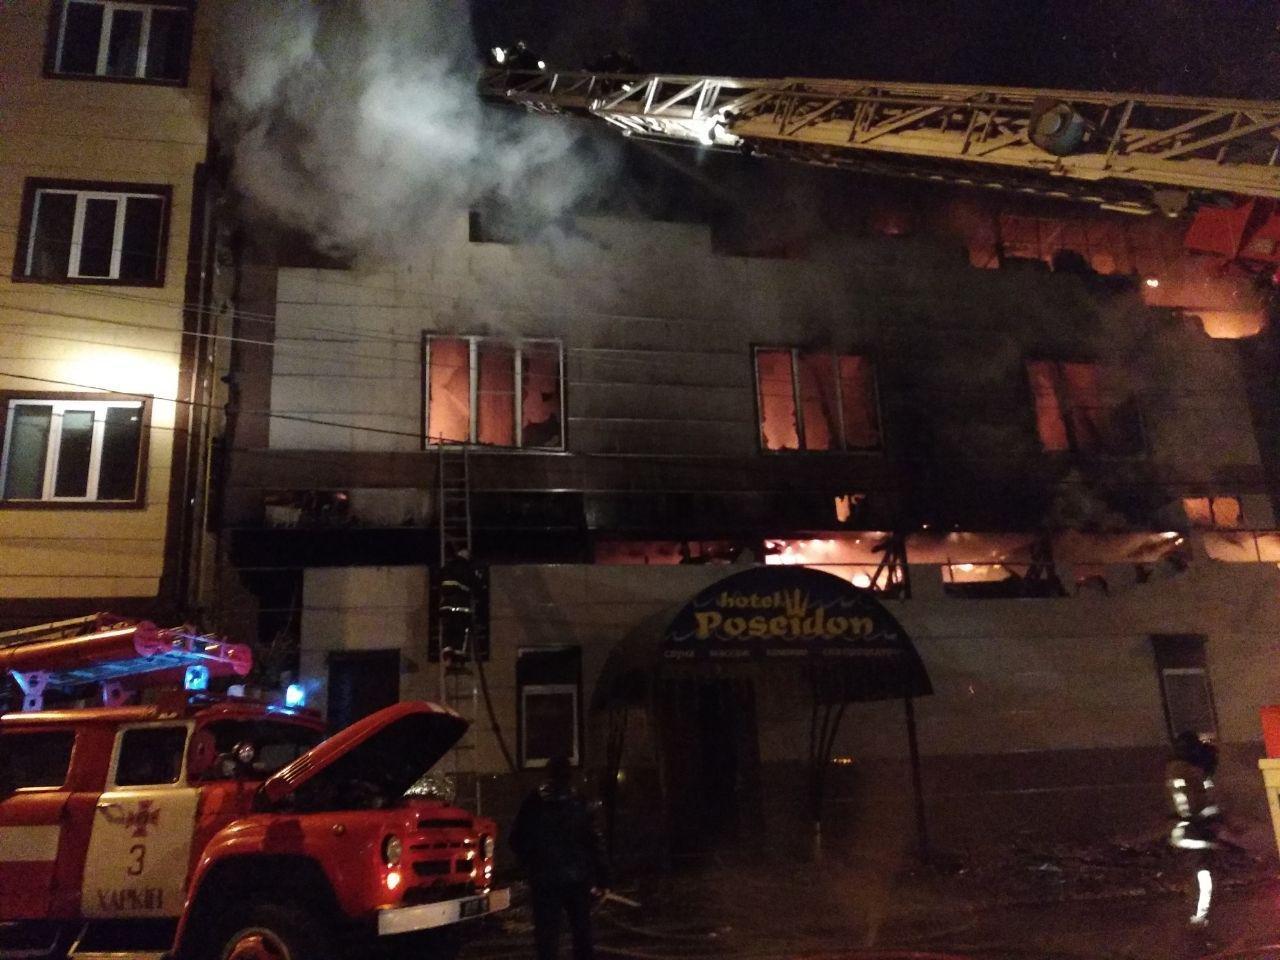 Ночью в центре Харькова горел банный комплекс. Спасатели боролись с пожаром 5 часов, - ФОТО, фото-1